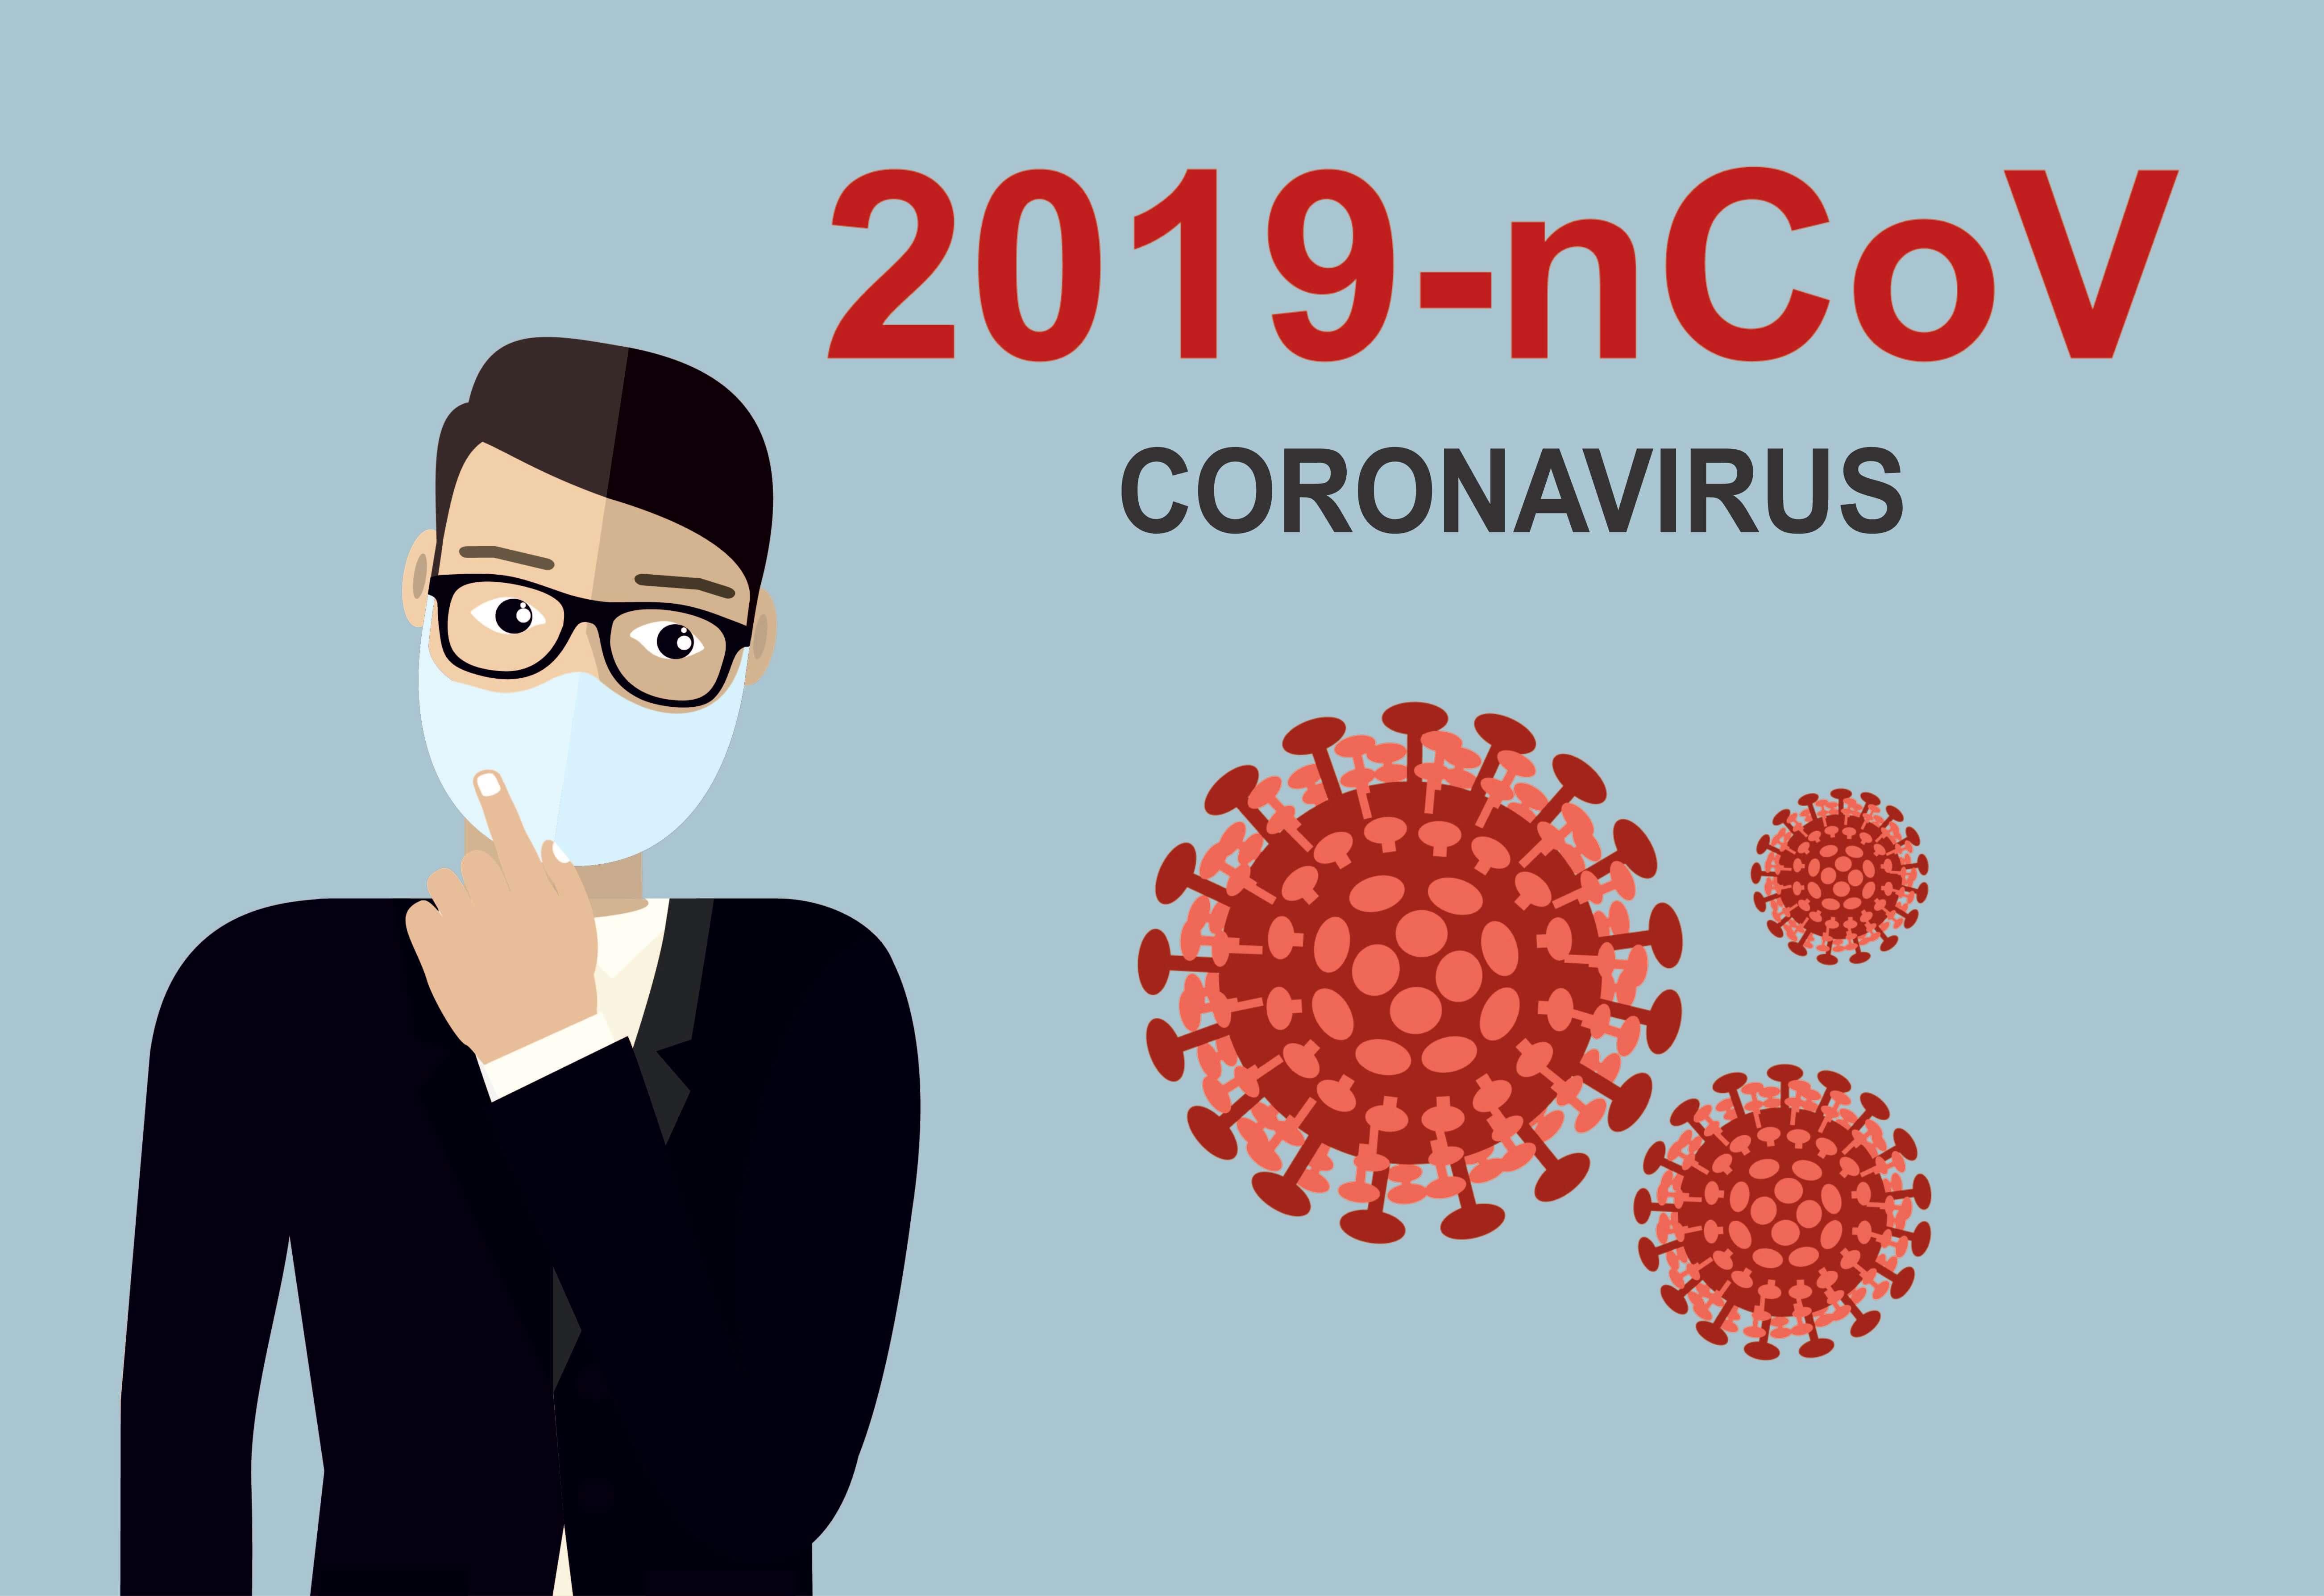 rapaz com mascara e imagens de coronavirus